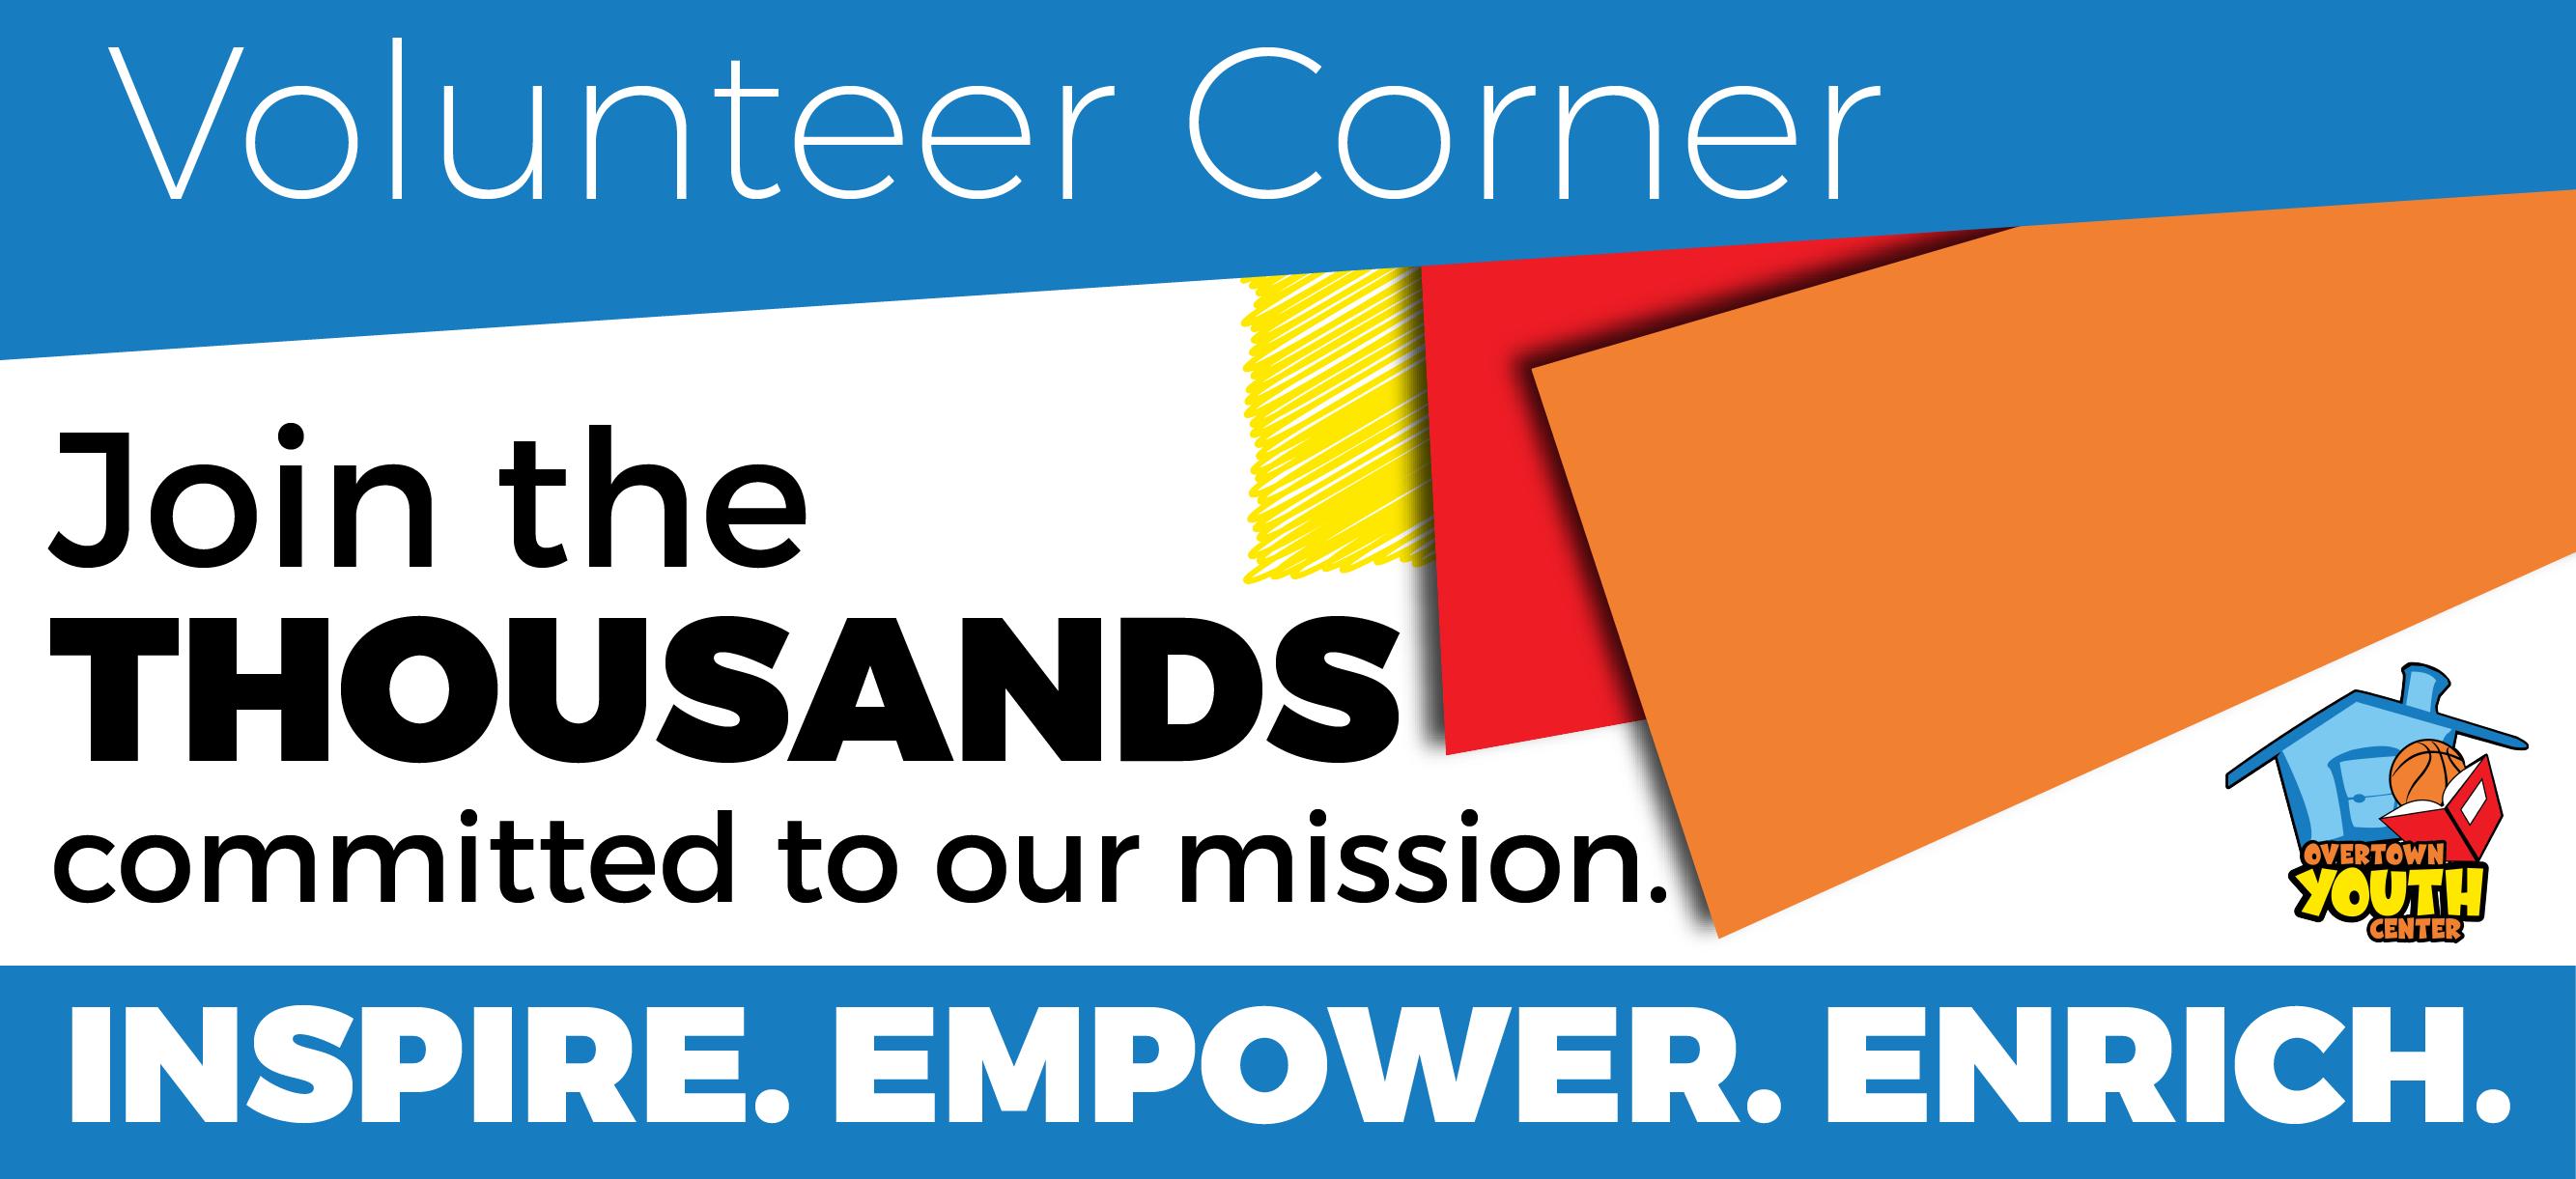 Volunteer Corner-01